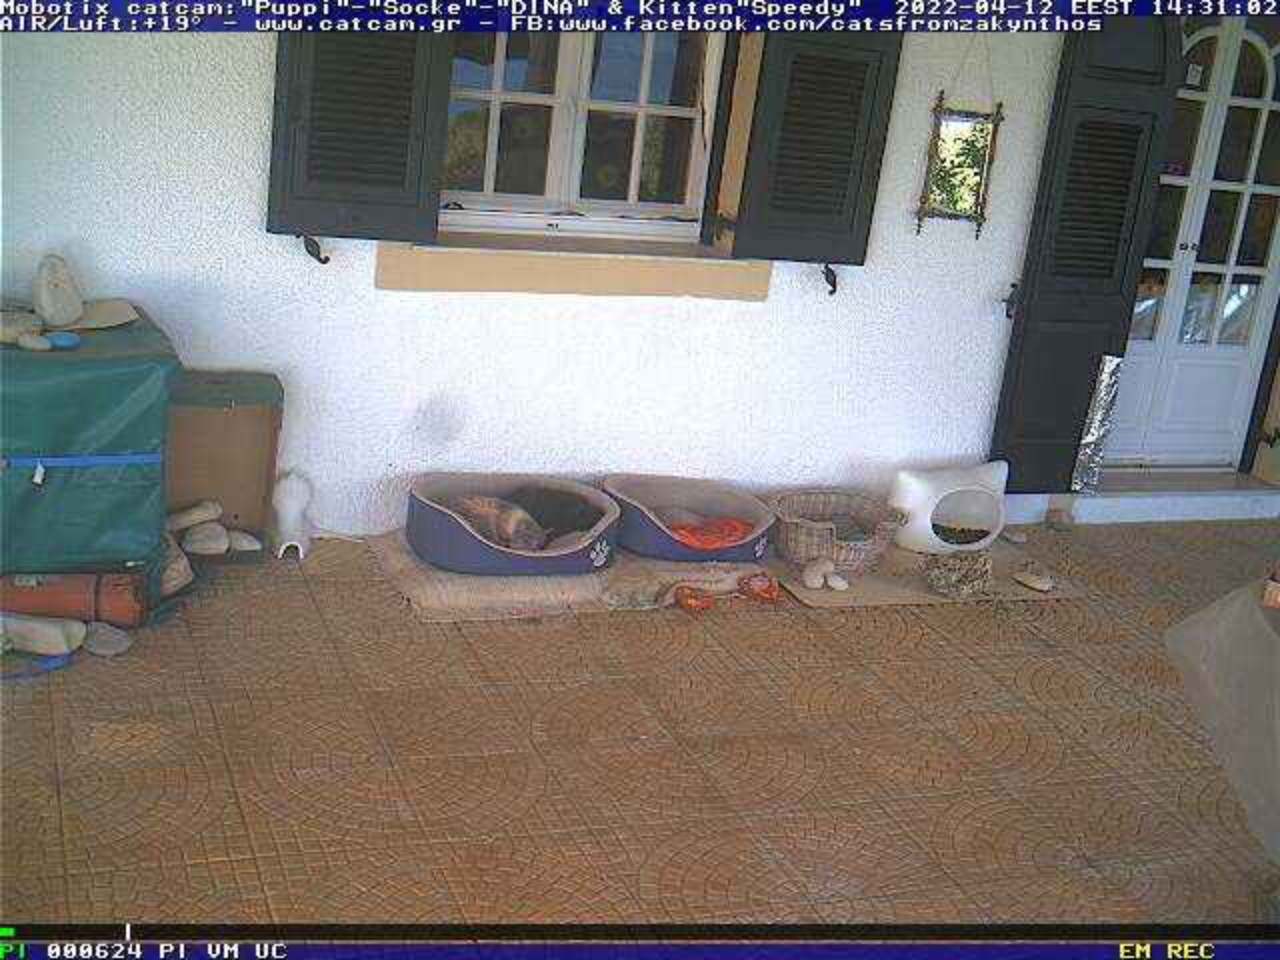 Live Catcam Zakynthos Greece